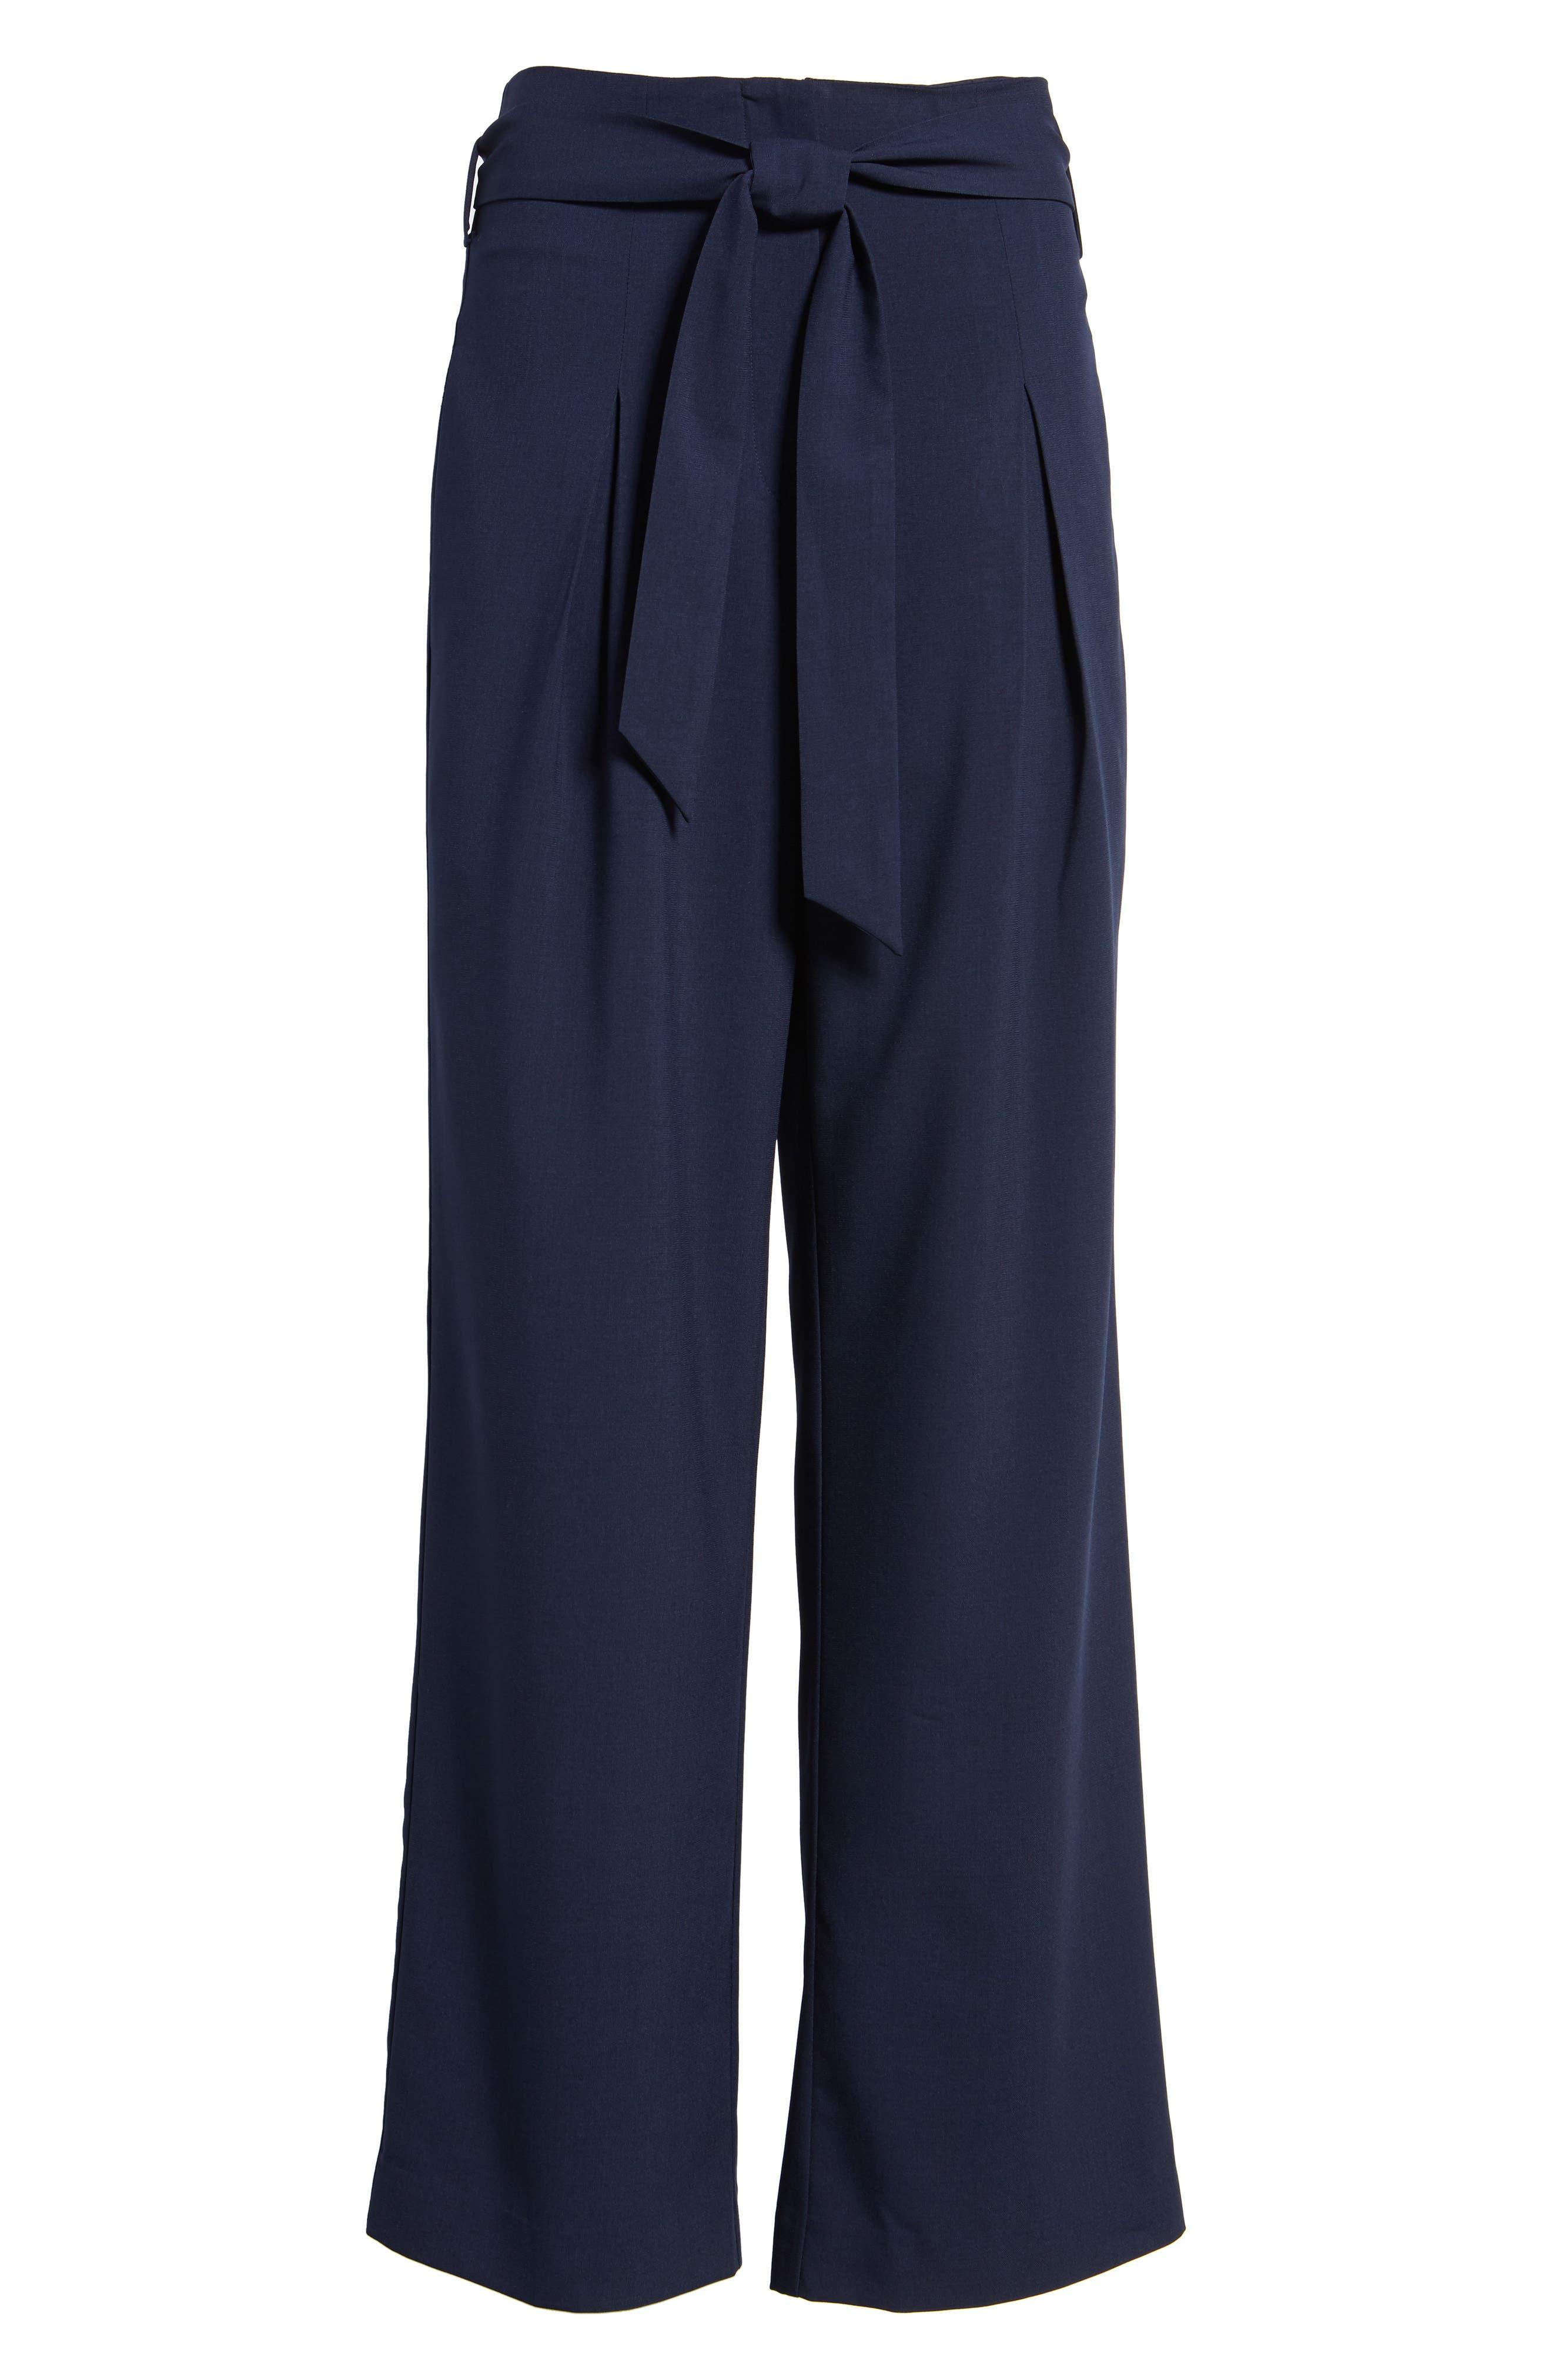 Tie Front Pants,                             Alternate thumbnail 6, color,                             411